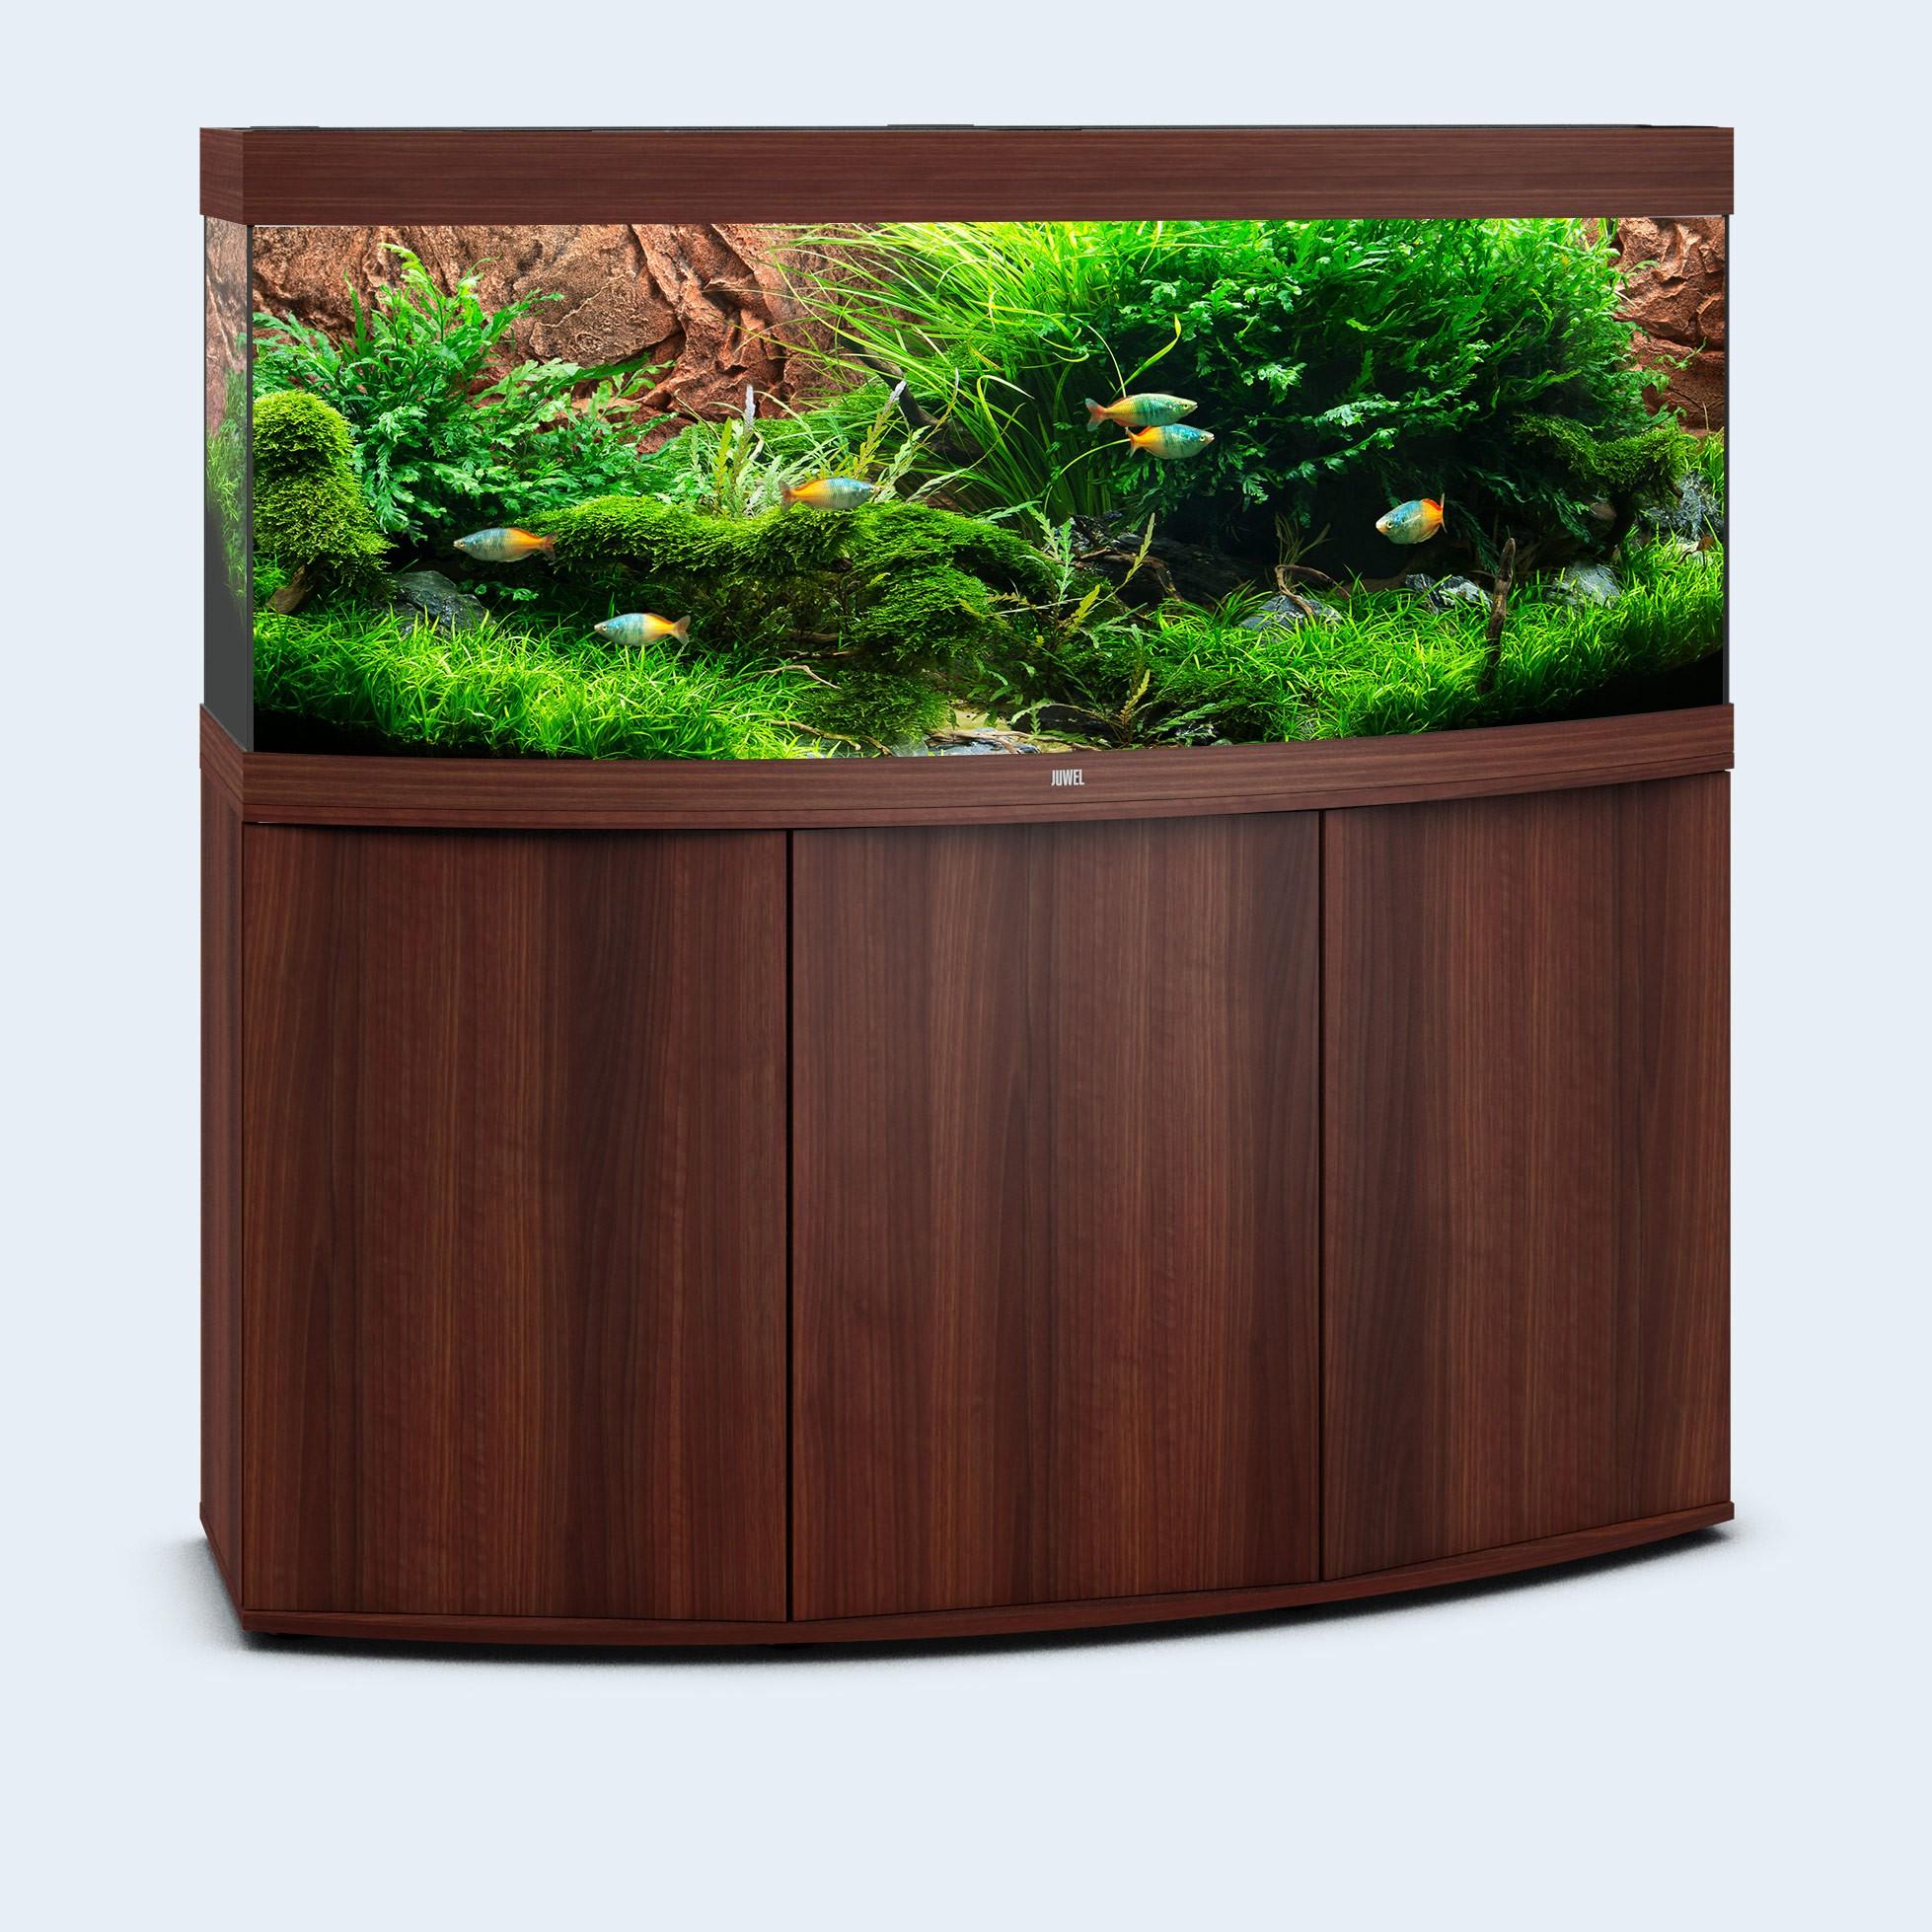 Juwel vision 450 liter mørkt træ med underskab og Ledlys